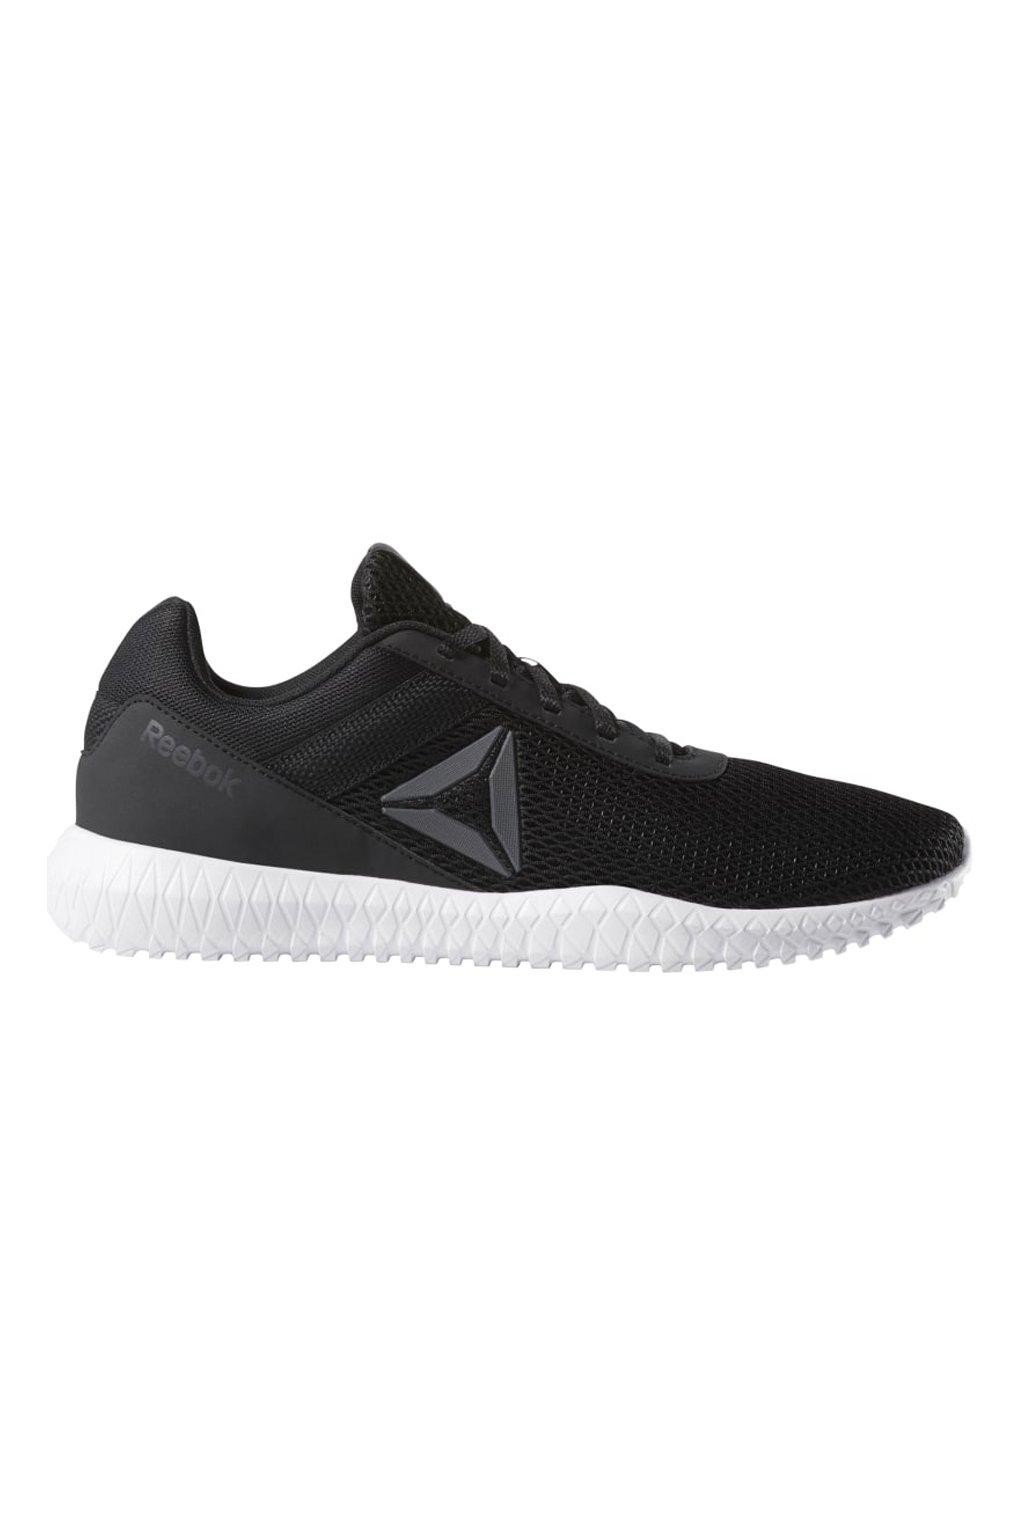 Pánska obuv Reebok Flexagon Energy čierne DV4548